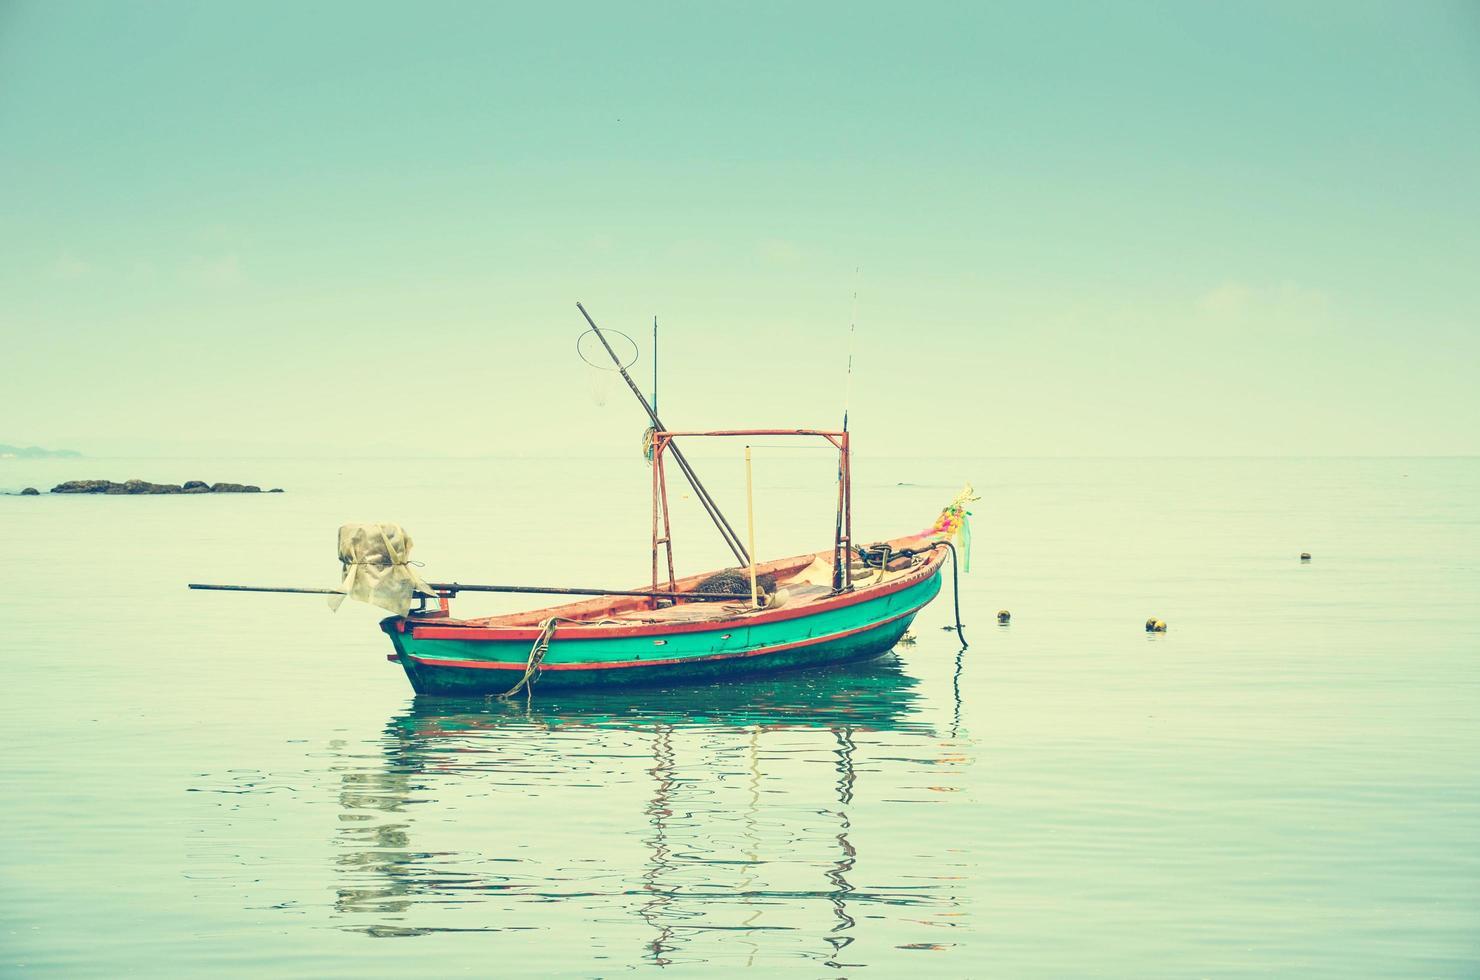 båt på havet foto